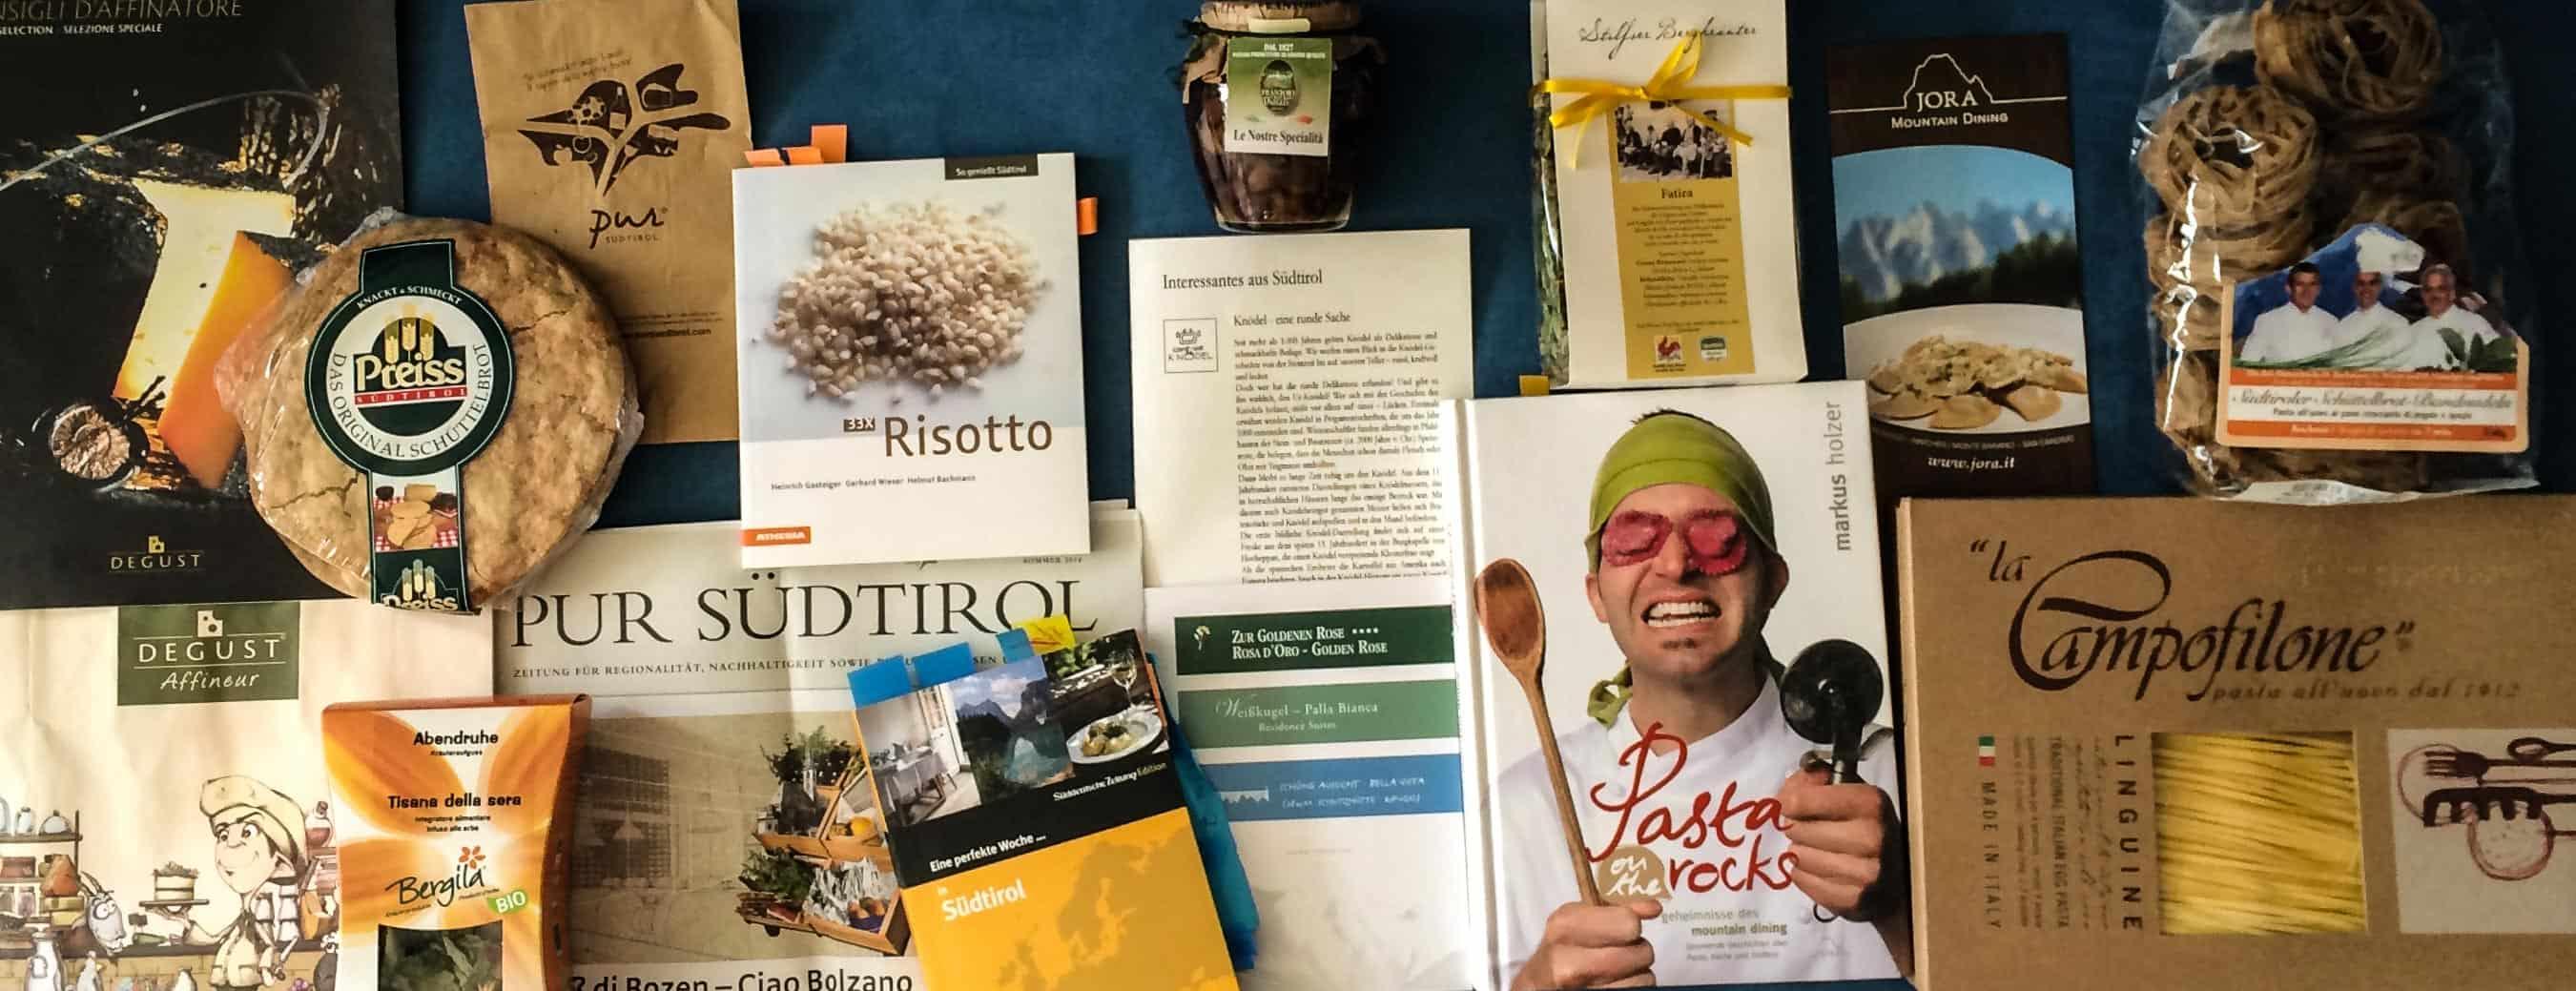 Für Foodies: 5 kulinarische Tipps in Südtirol